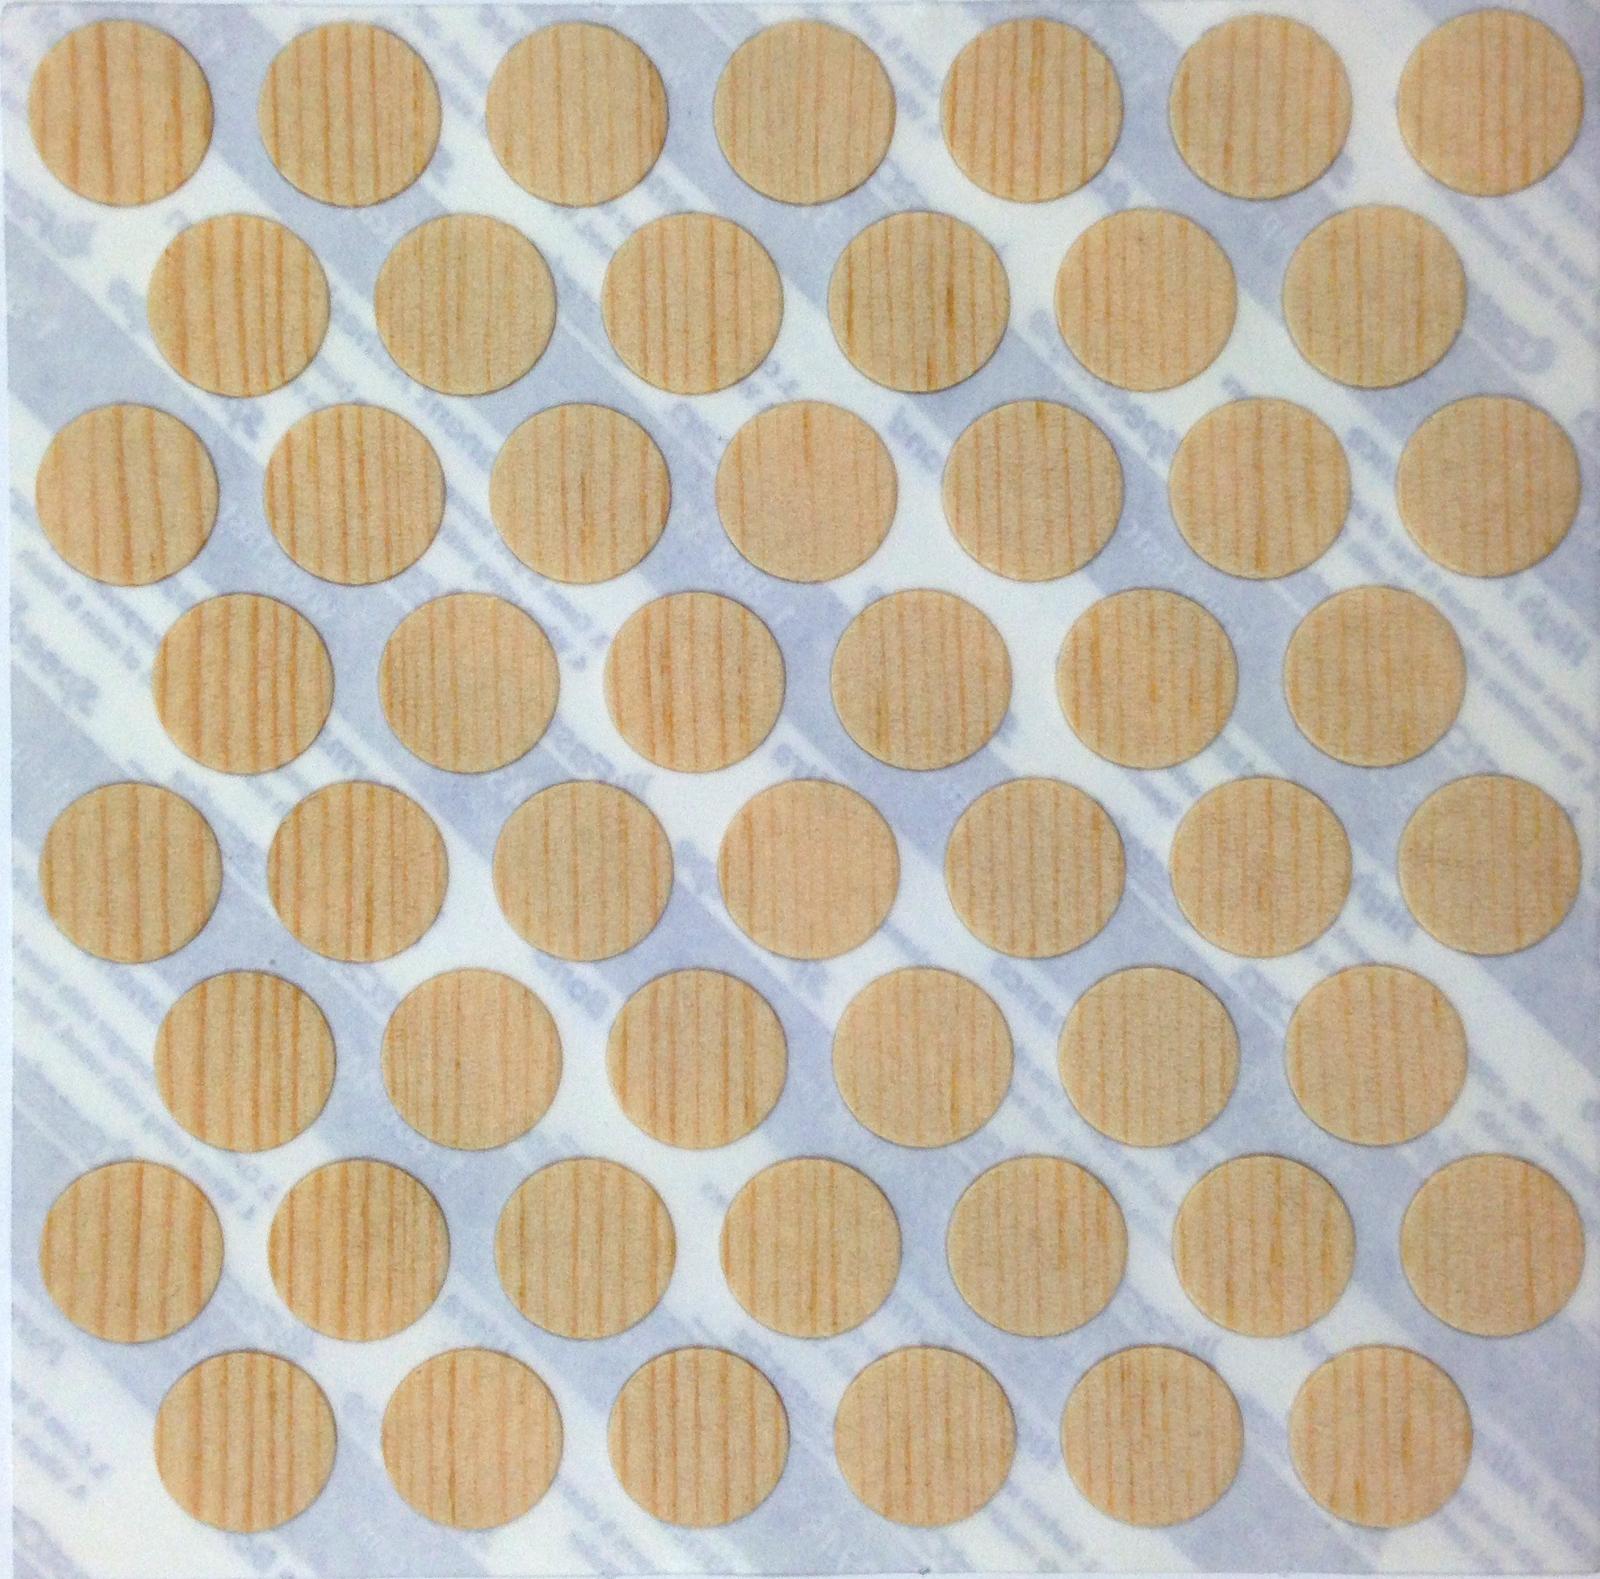 Self Adhesive Wood Veneer Screw Cover Cap Birch Teak